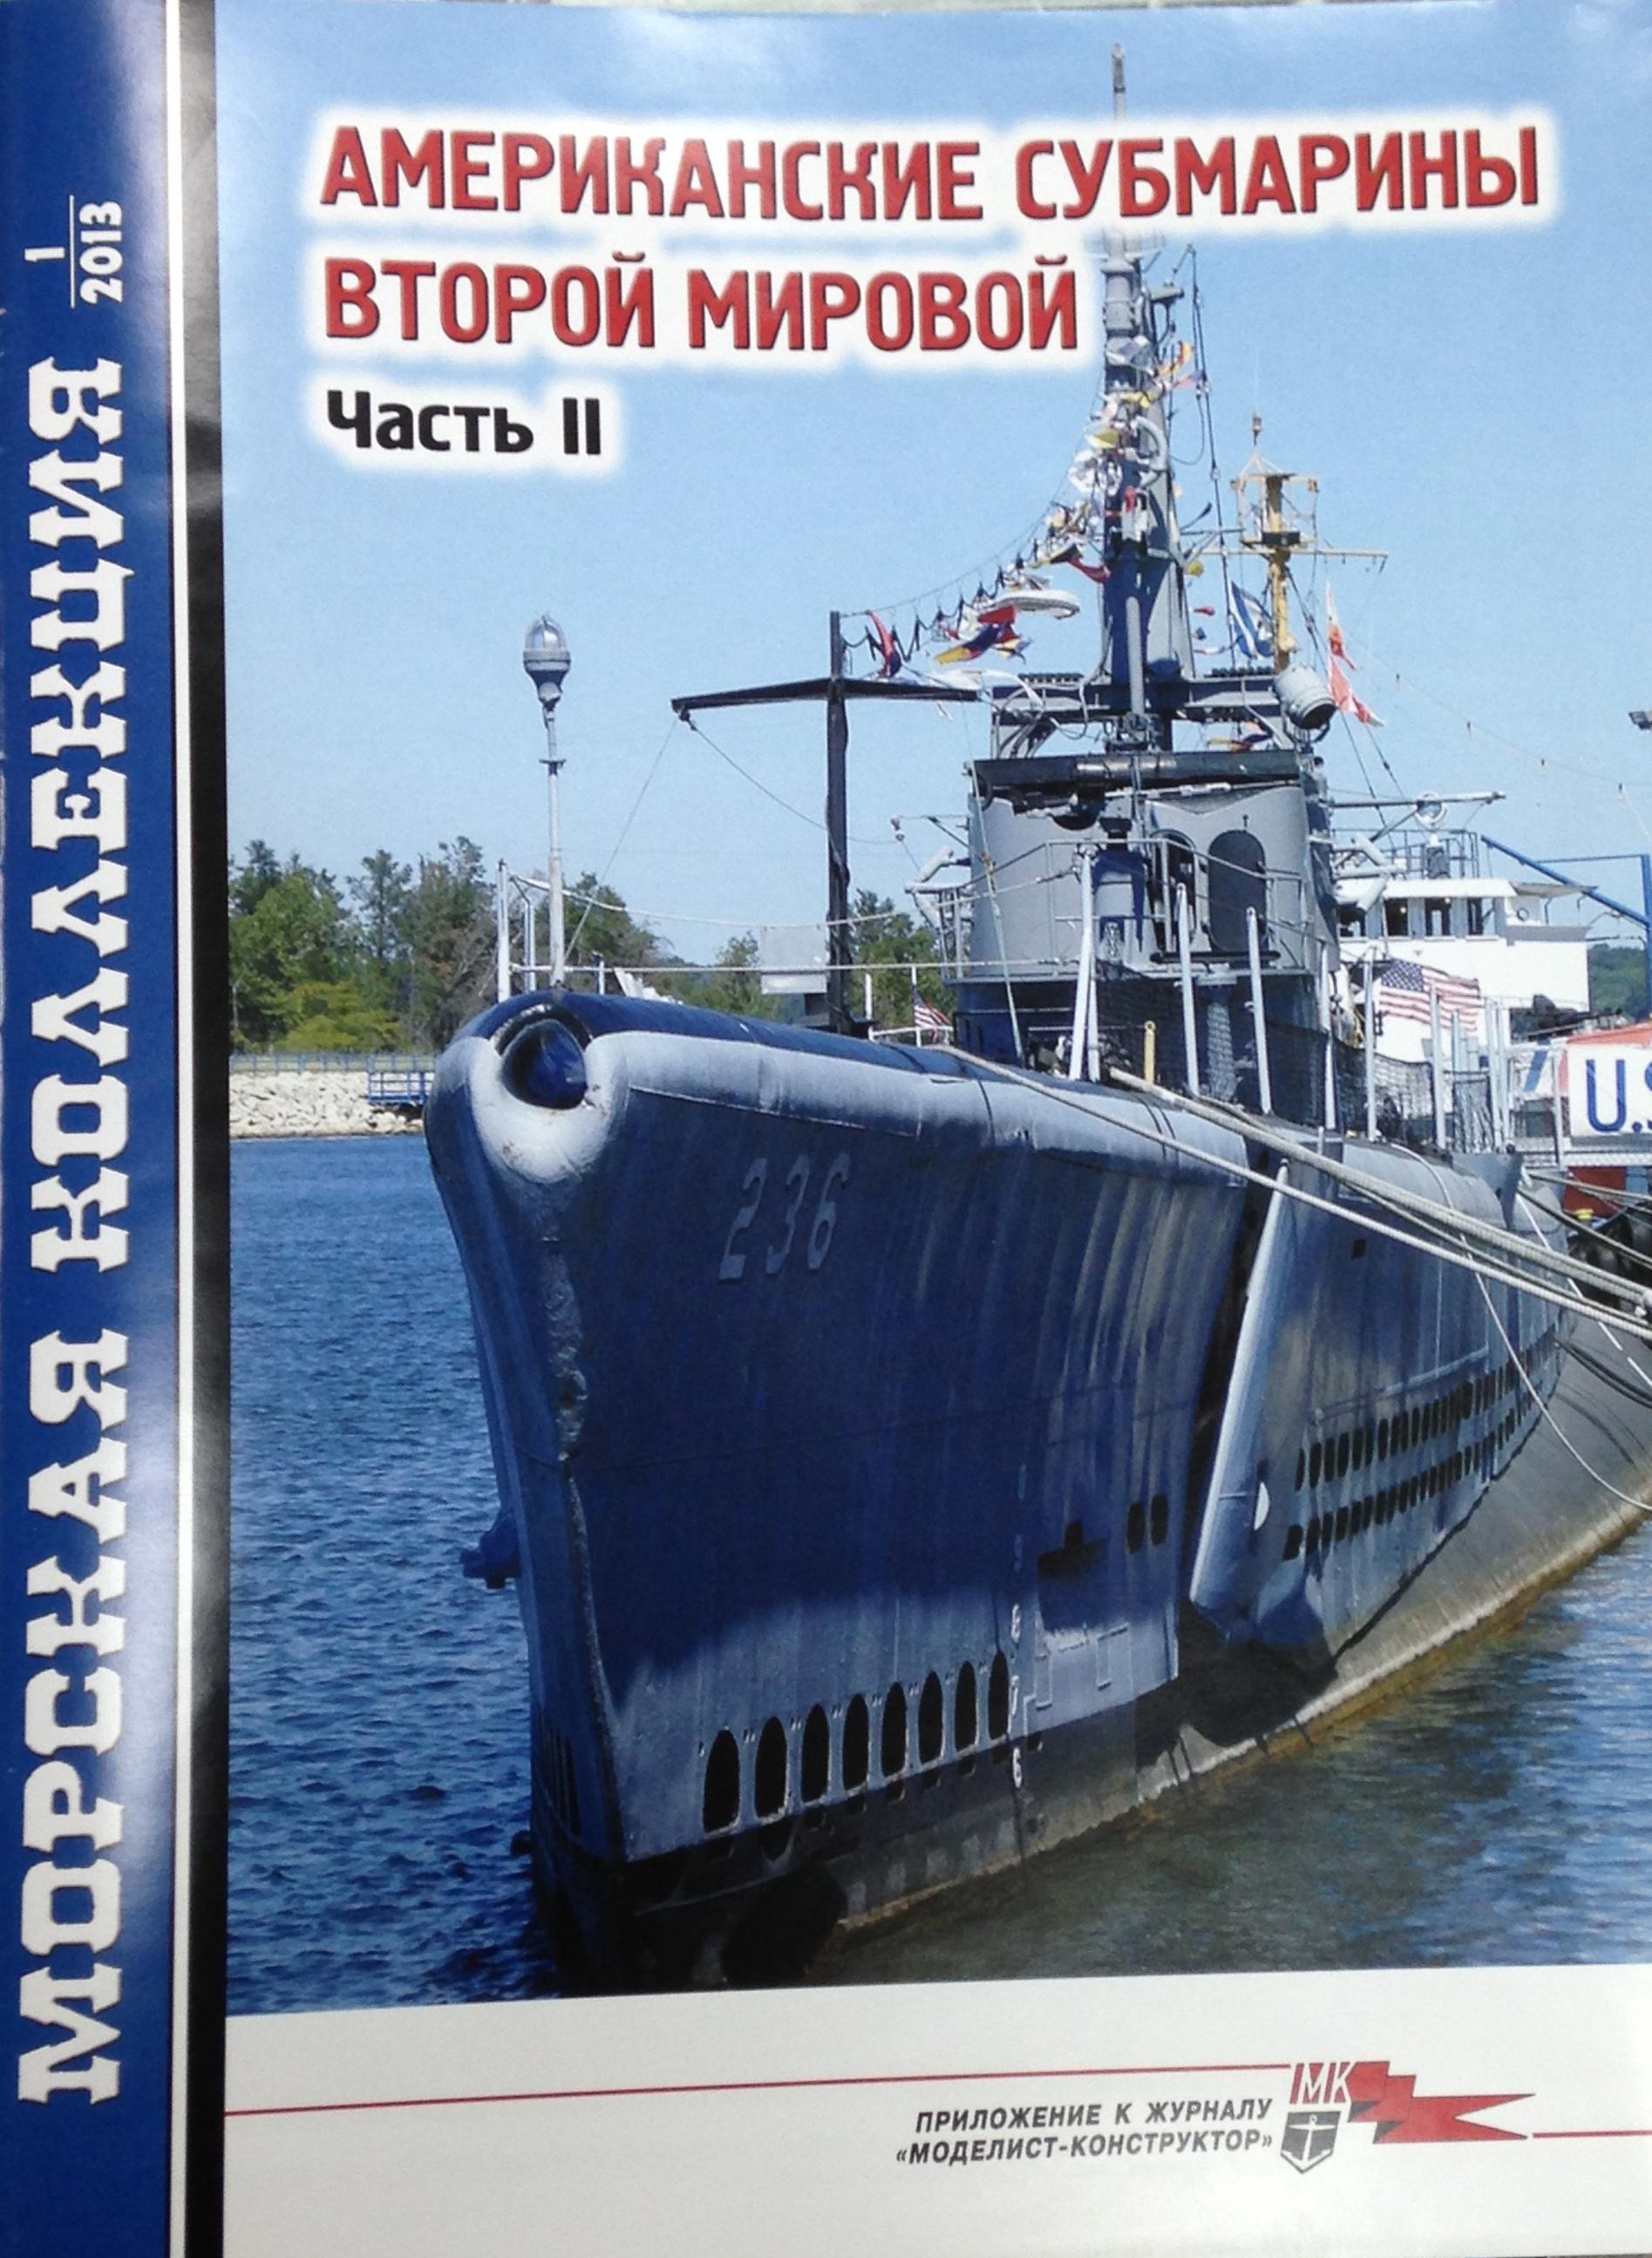 Морская коллекция 2013